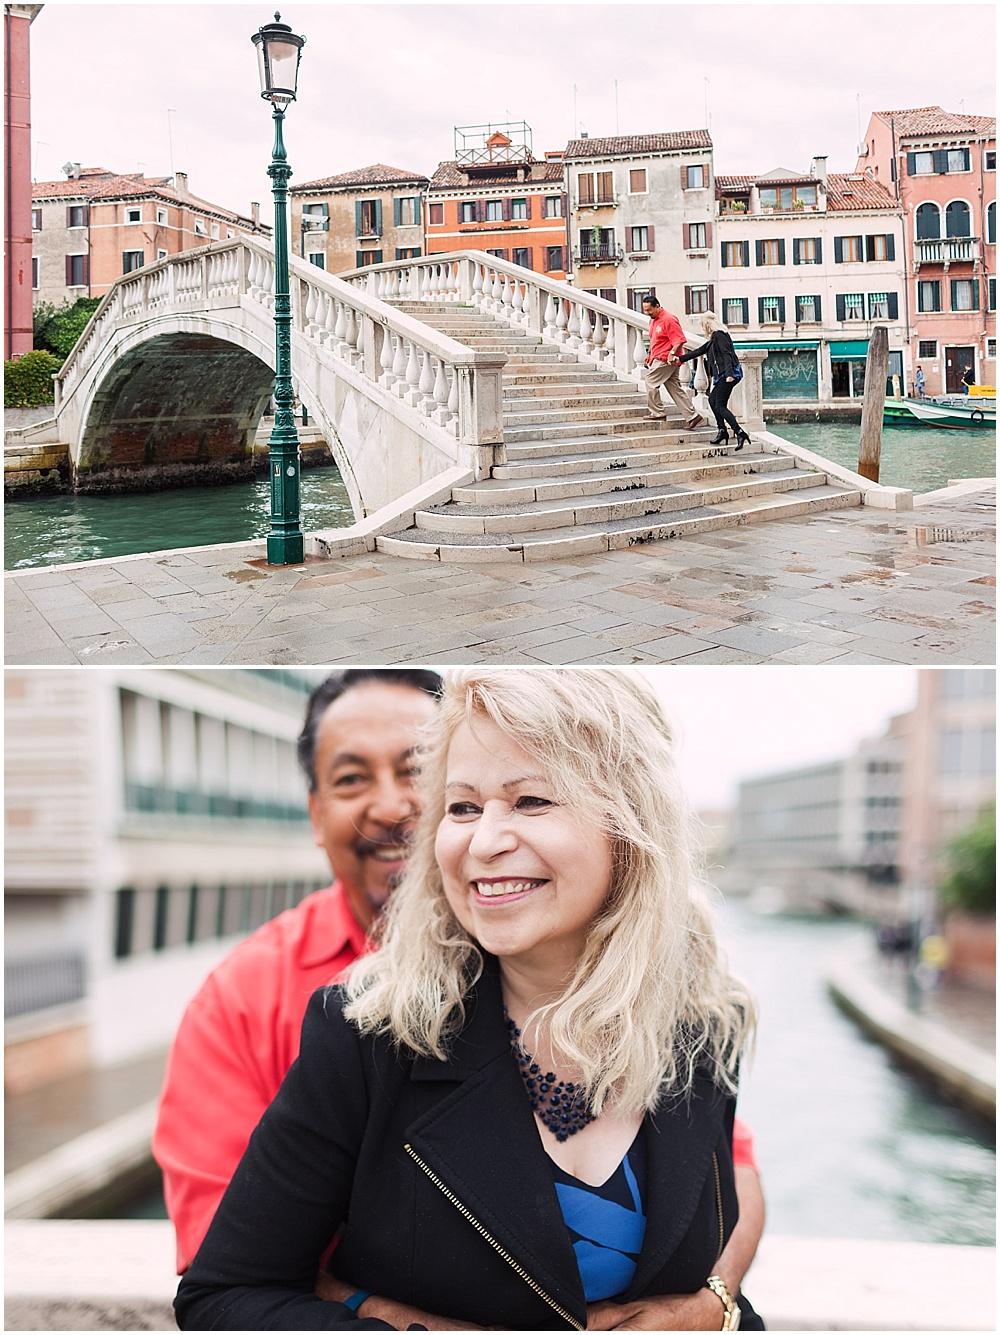 Venice-italy-wedding-photographer-stefano-degirmenci_0056.jpg